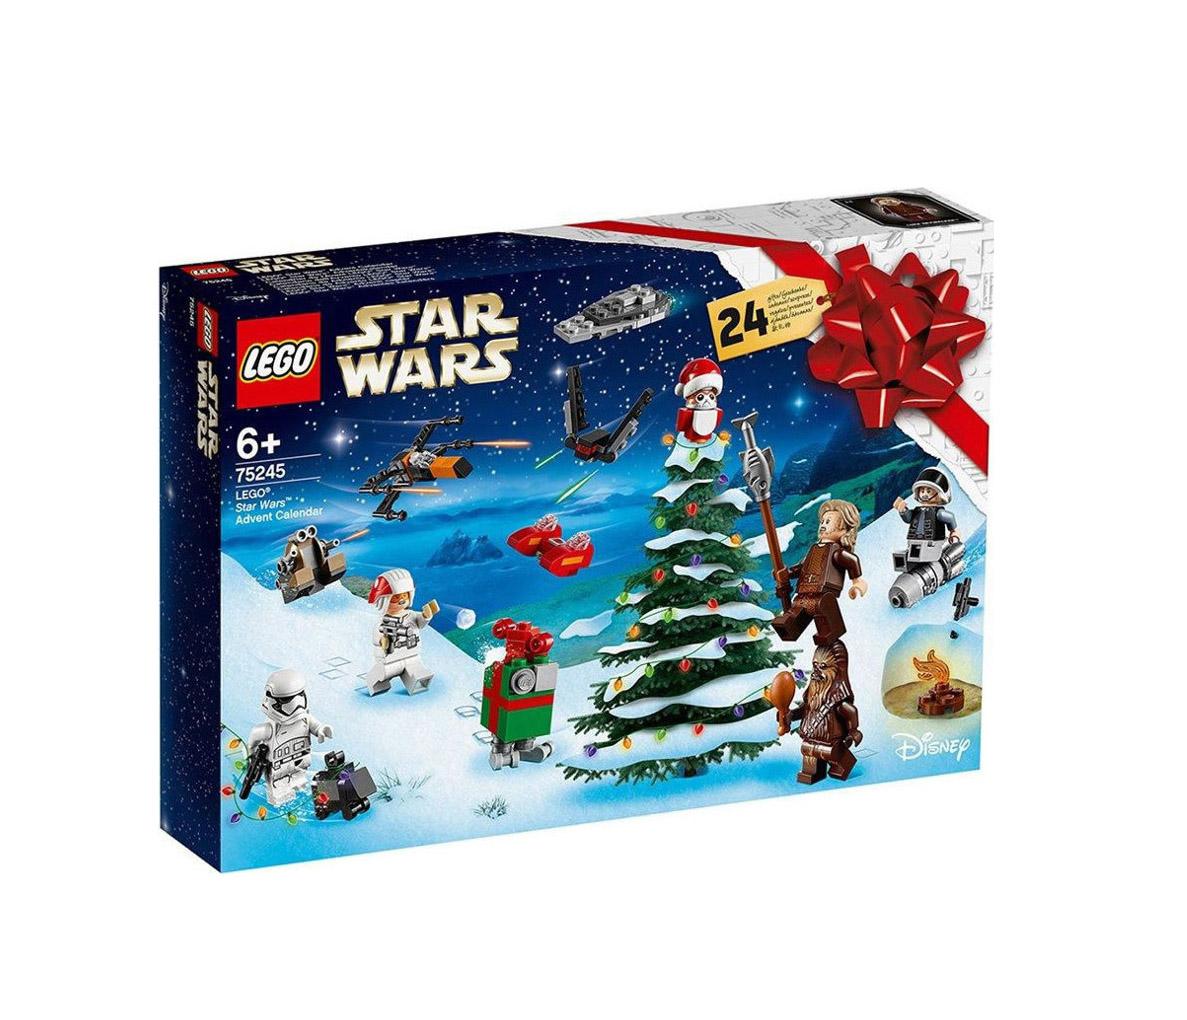 Lego Star Wars: Advent Calendar 75245